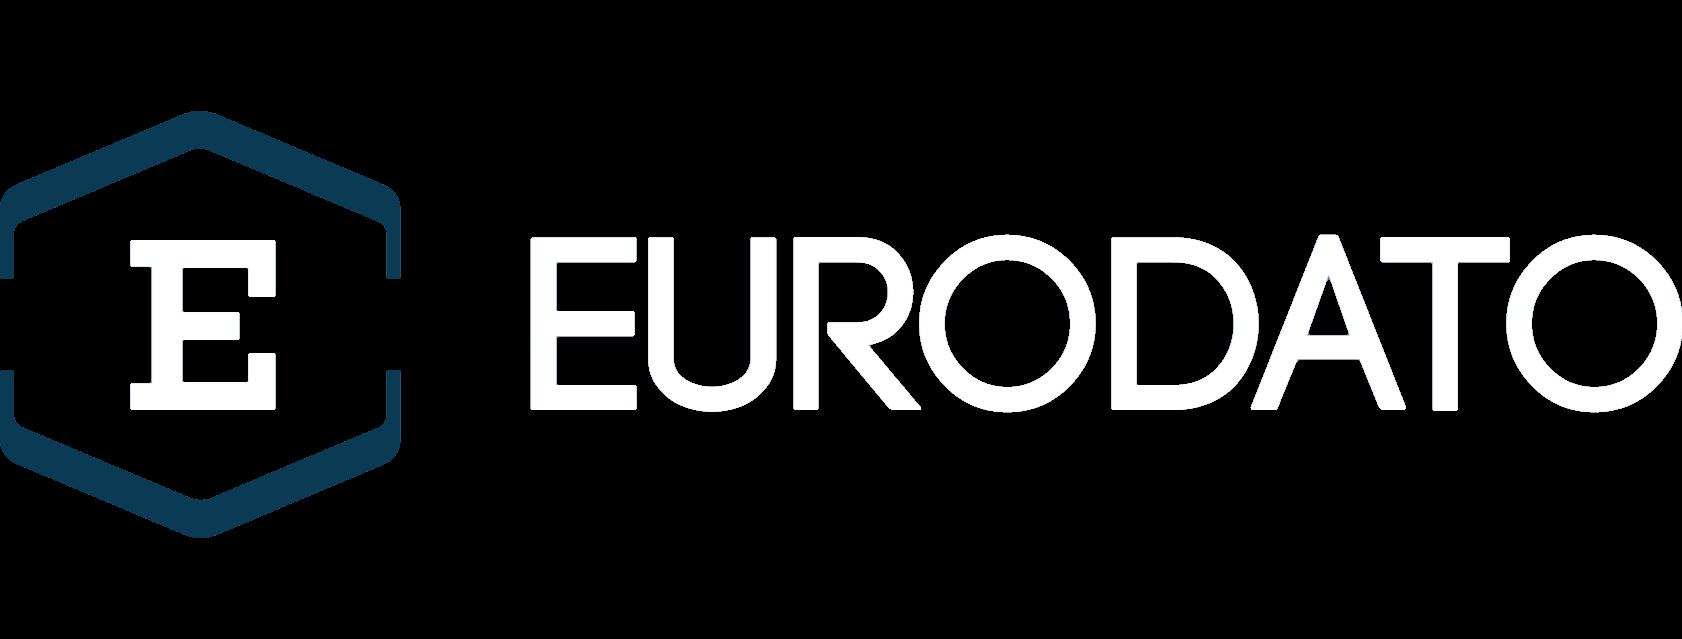 Eurodato